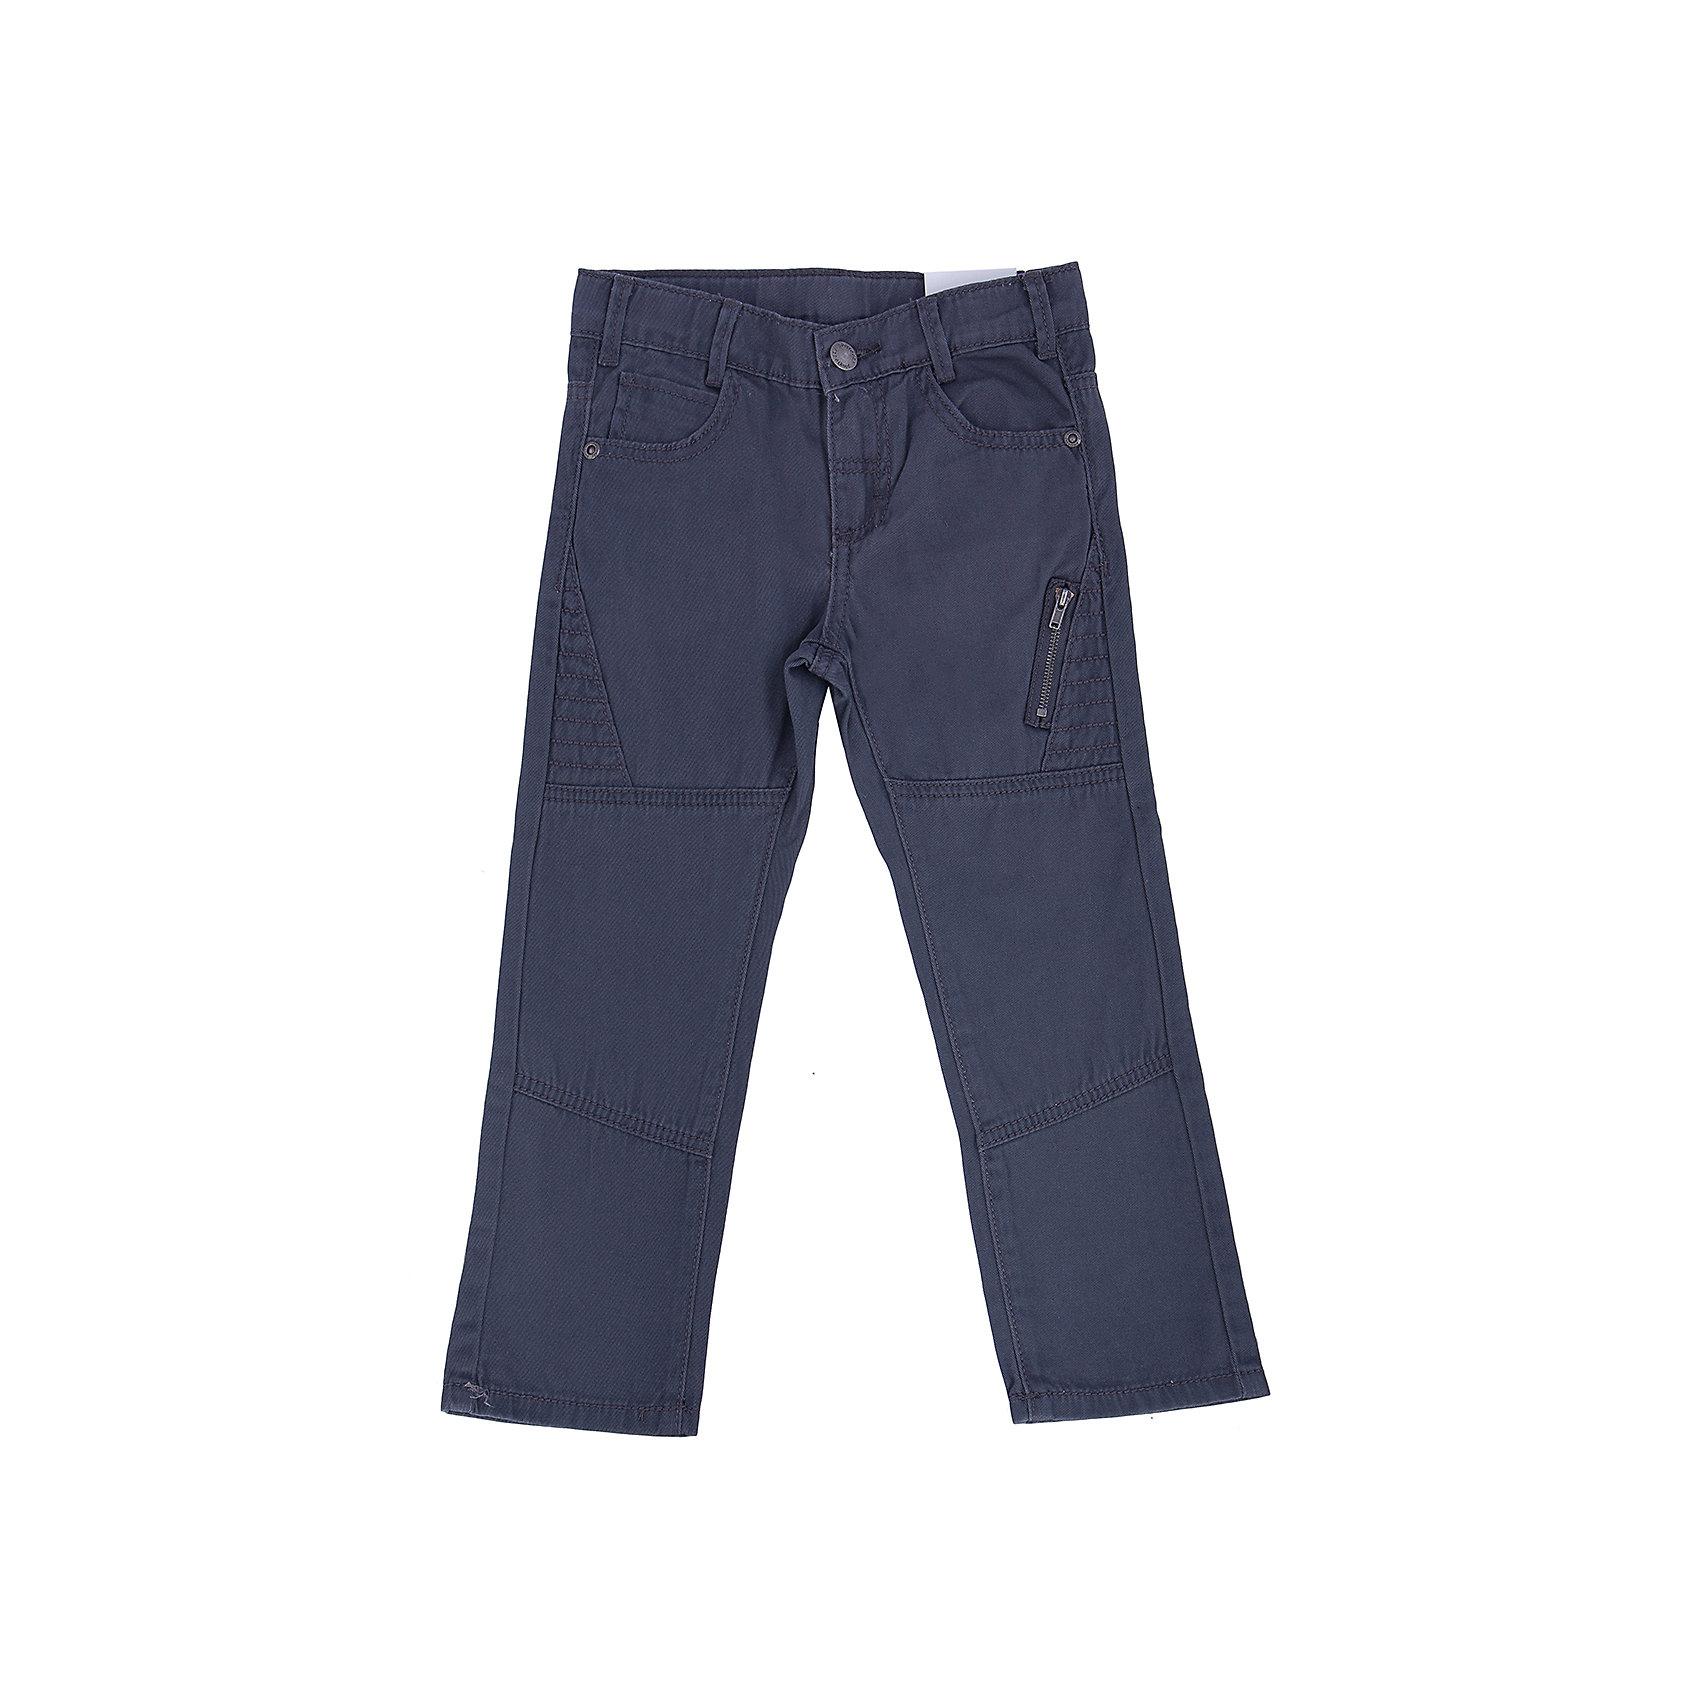 Брюки для мальчика PlayTodayБрюки для мальчика от известного бренда PlayToday.<br>Стильные твиловые брюки графитового цвета. Классическая пятикарманка. Застегиваются на молнию и пуговицу, есть шлевки для ремня. Украшены декоративным карманом на молнии.<br>Состав:<br>100% хлопок<br><br>Ширина мм: 215<br>Глубина мм: 88<br>Высота мм: 191<br>Вес г: 336<br>Цвет: серый<br>Возраст от месяцев: 36<br>Возраст до месяцев: 48<br>Пол: Мужской<br>Возраст: Детский<br>Размер: 104,122,98,116,110,128<br>SKU: 4896766